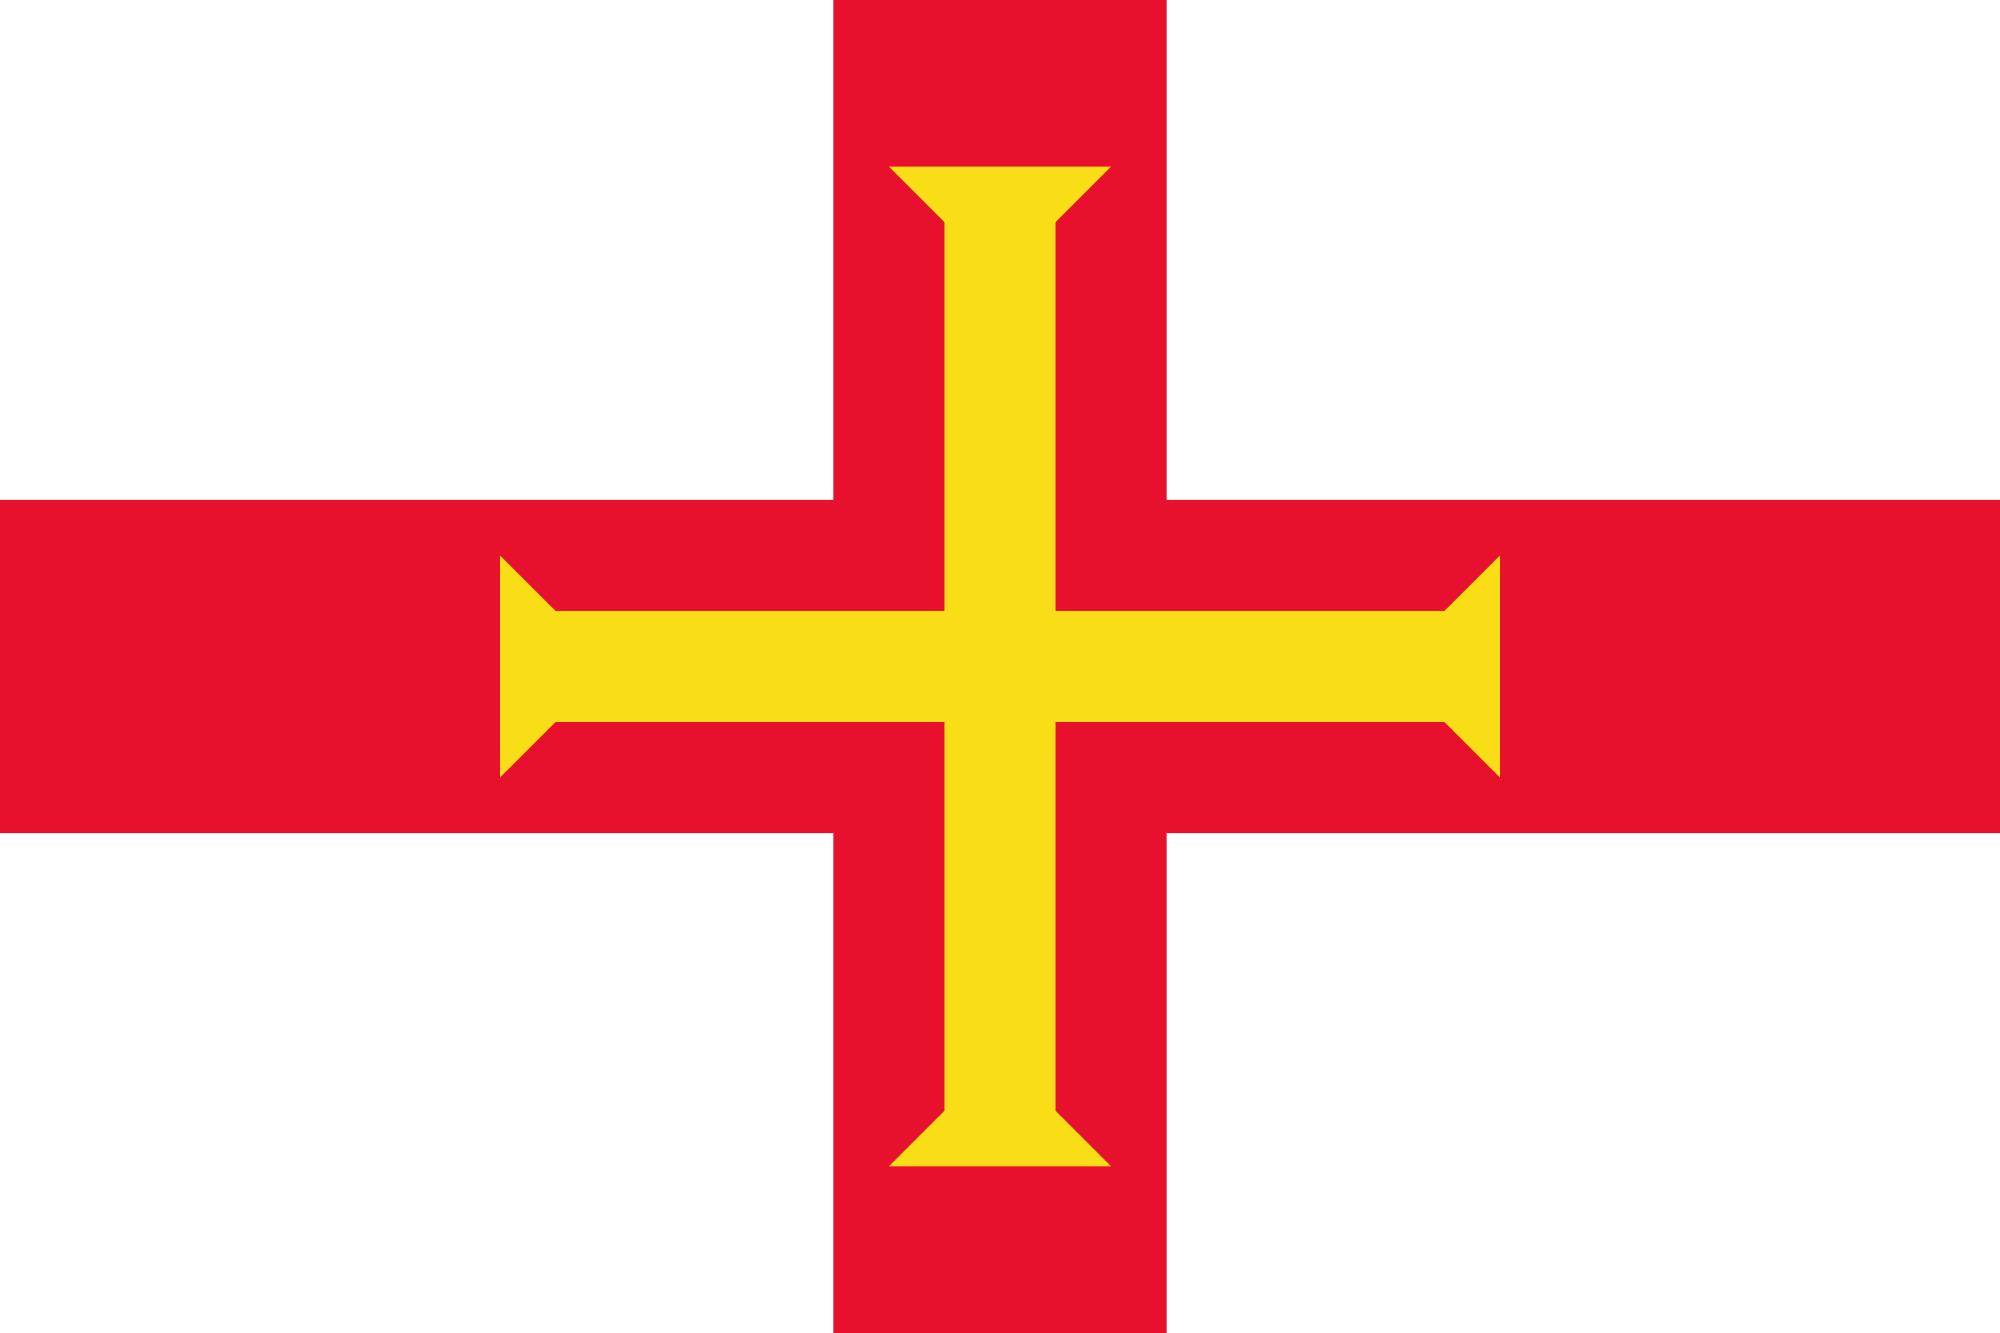 جيرنزي, البلد, emblema, شعار, الرمز - خلفيات عالية الدقة - أستاذ falken.com